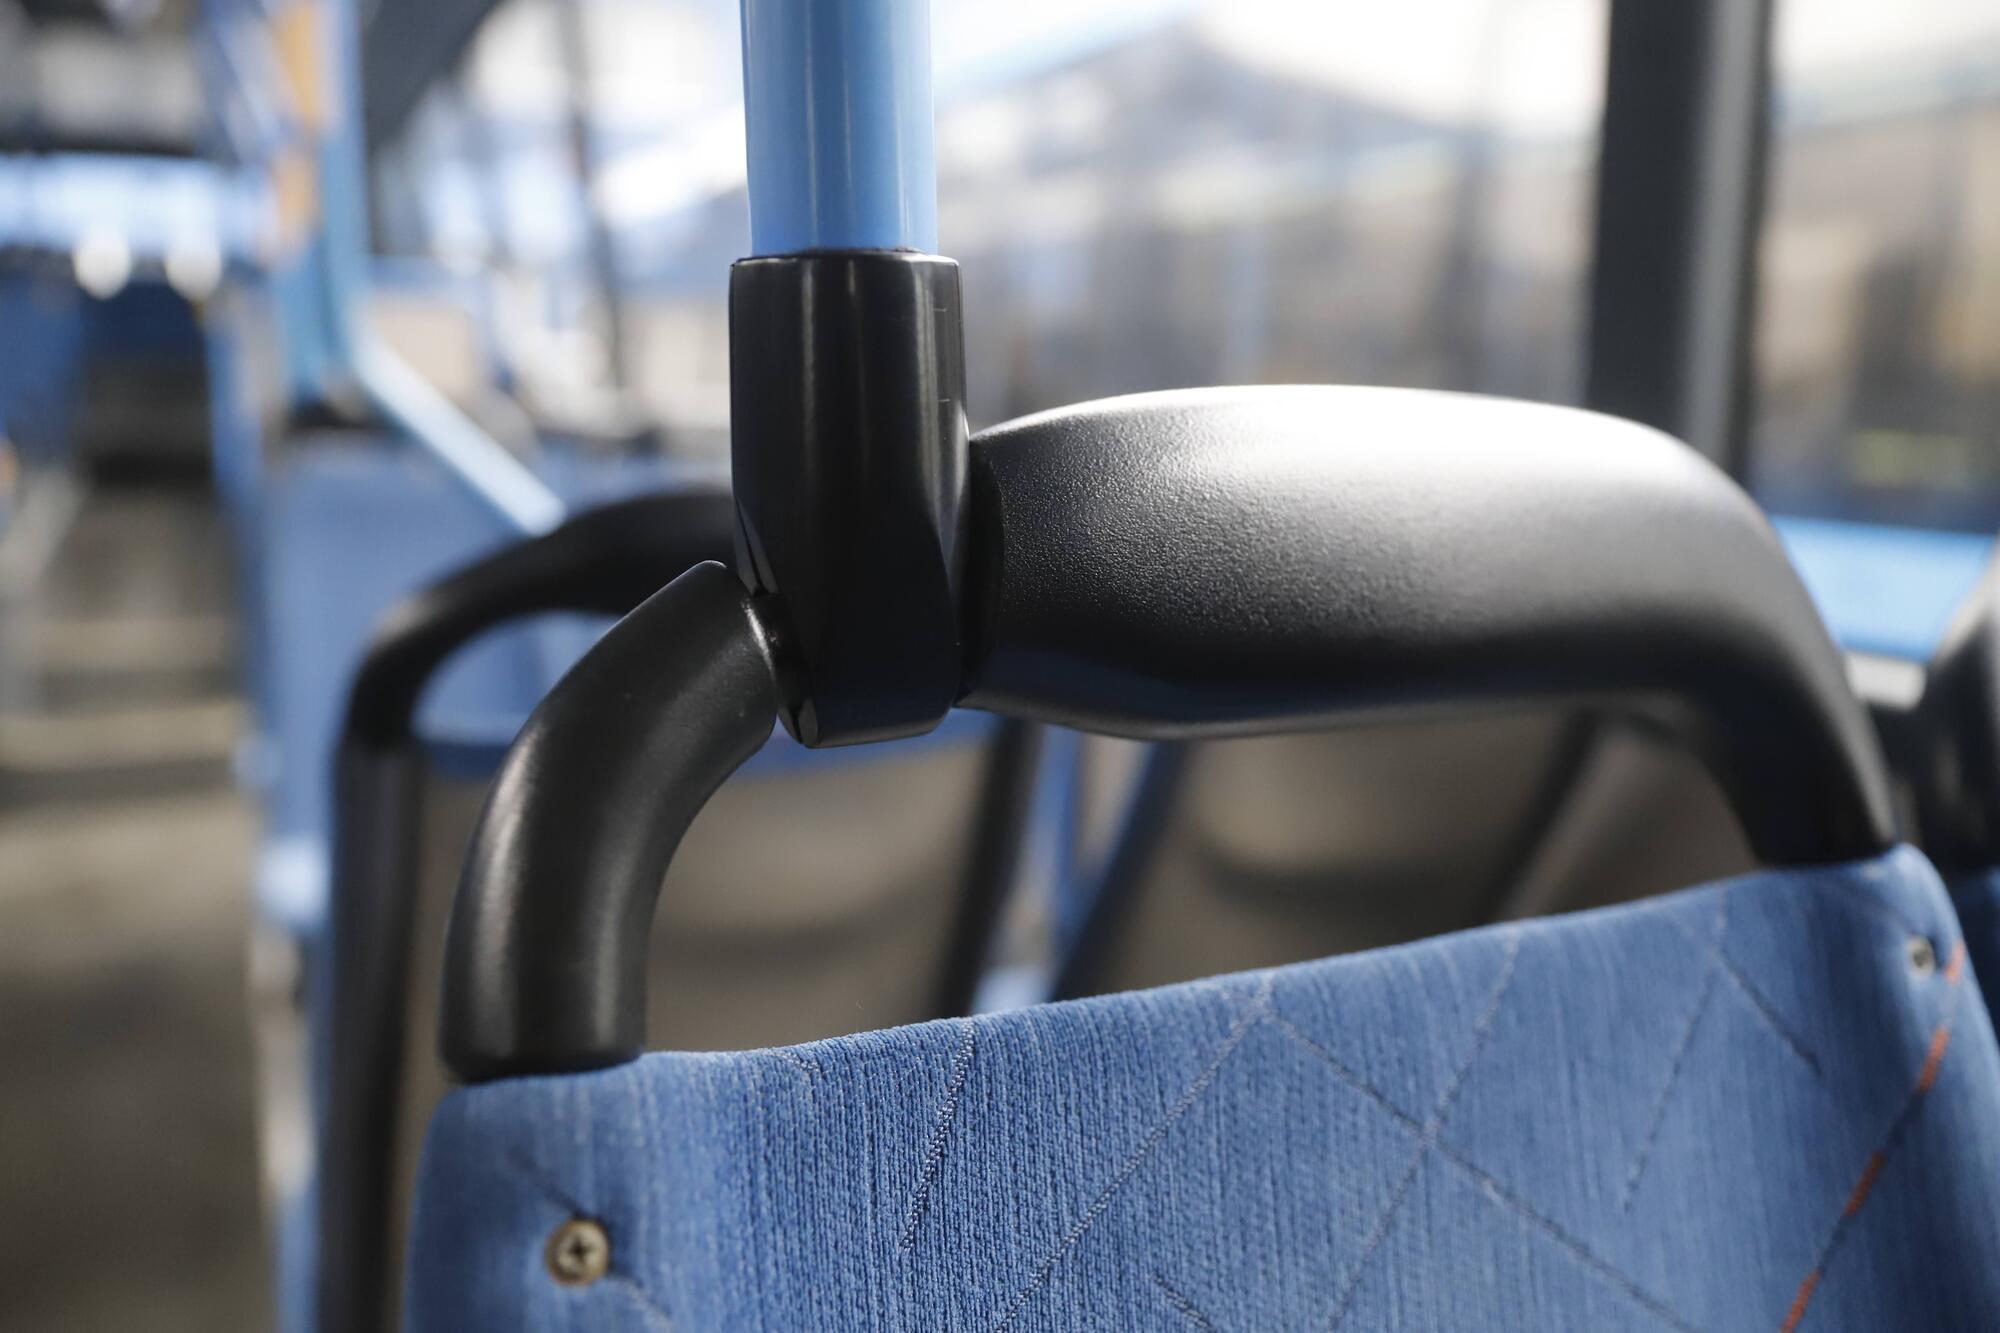 Всего в этом году в Днепр прибыли 17 автобусов большой вместимости